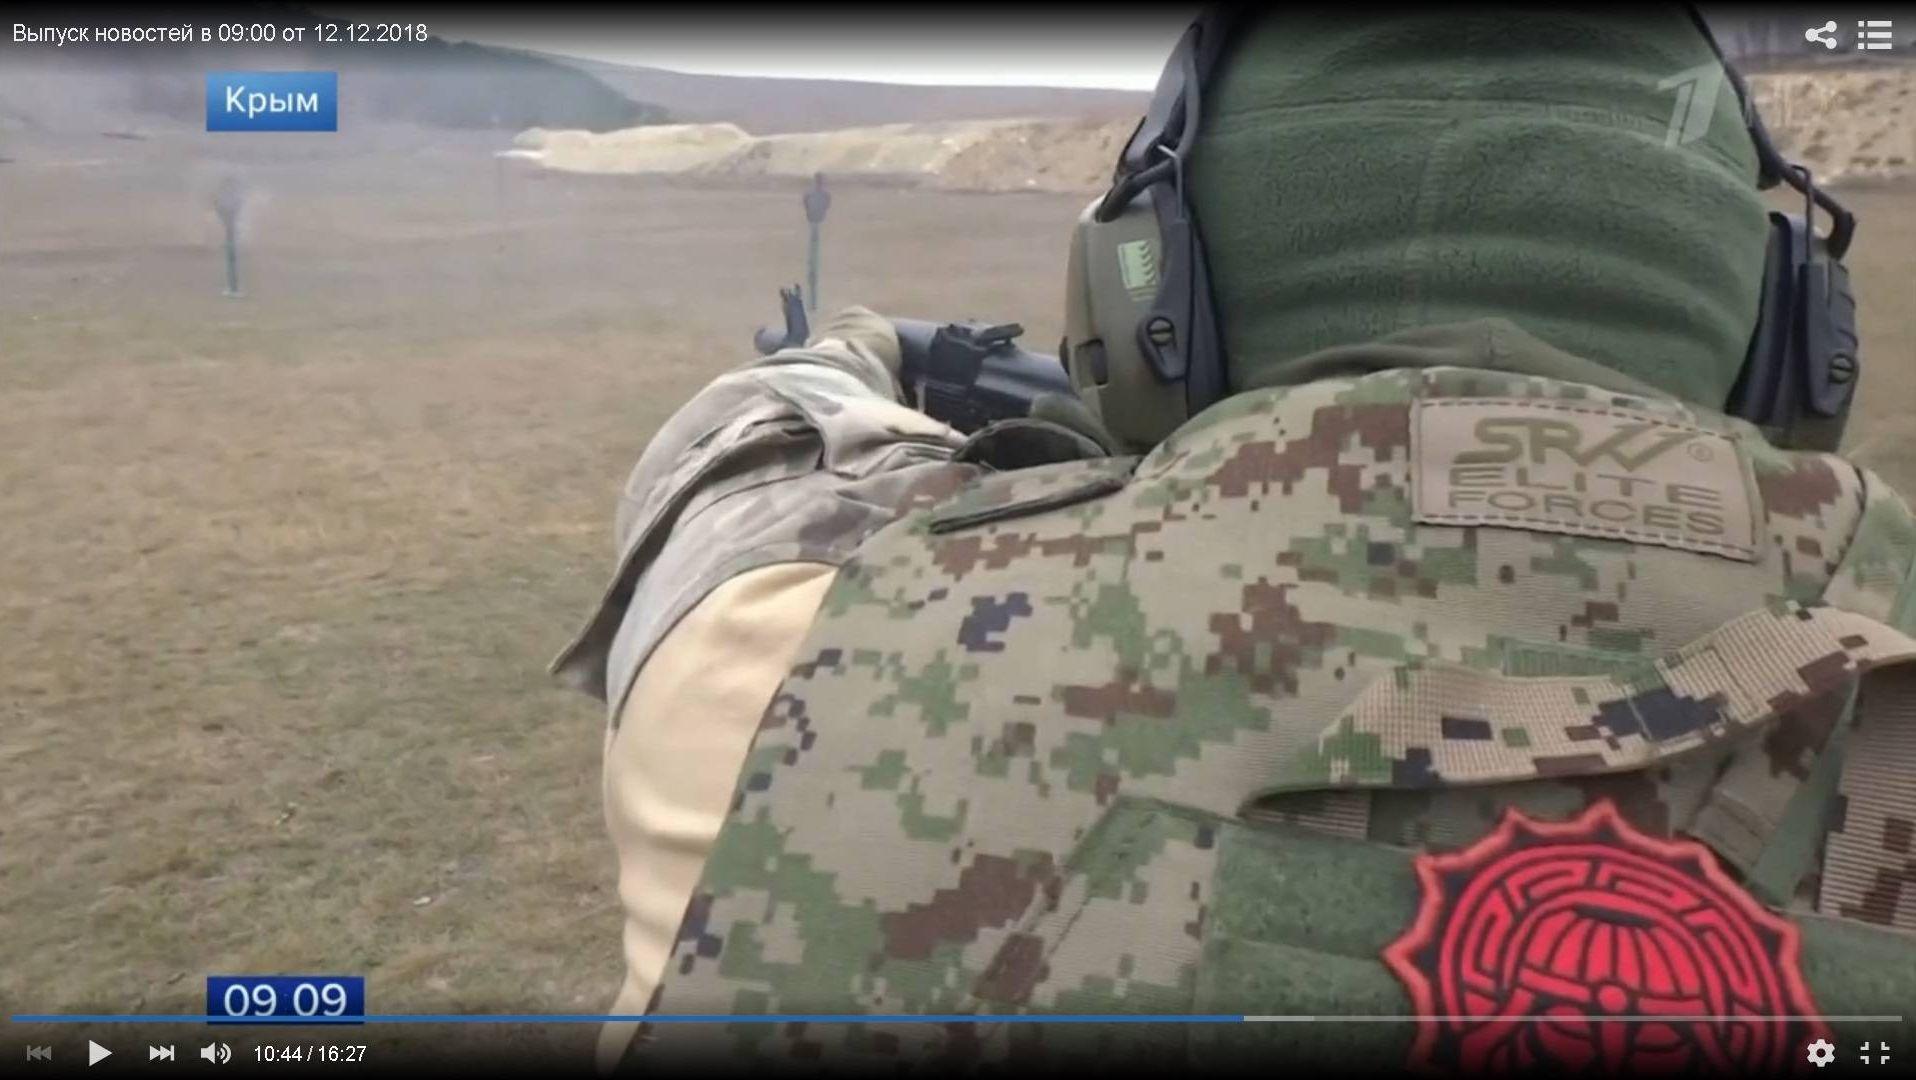 Цитата из видео «В Крыму в экстремальных условиях проходят тренировки отряда специального назначения «Русь»